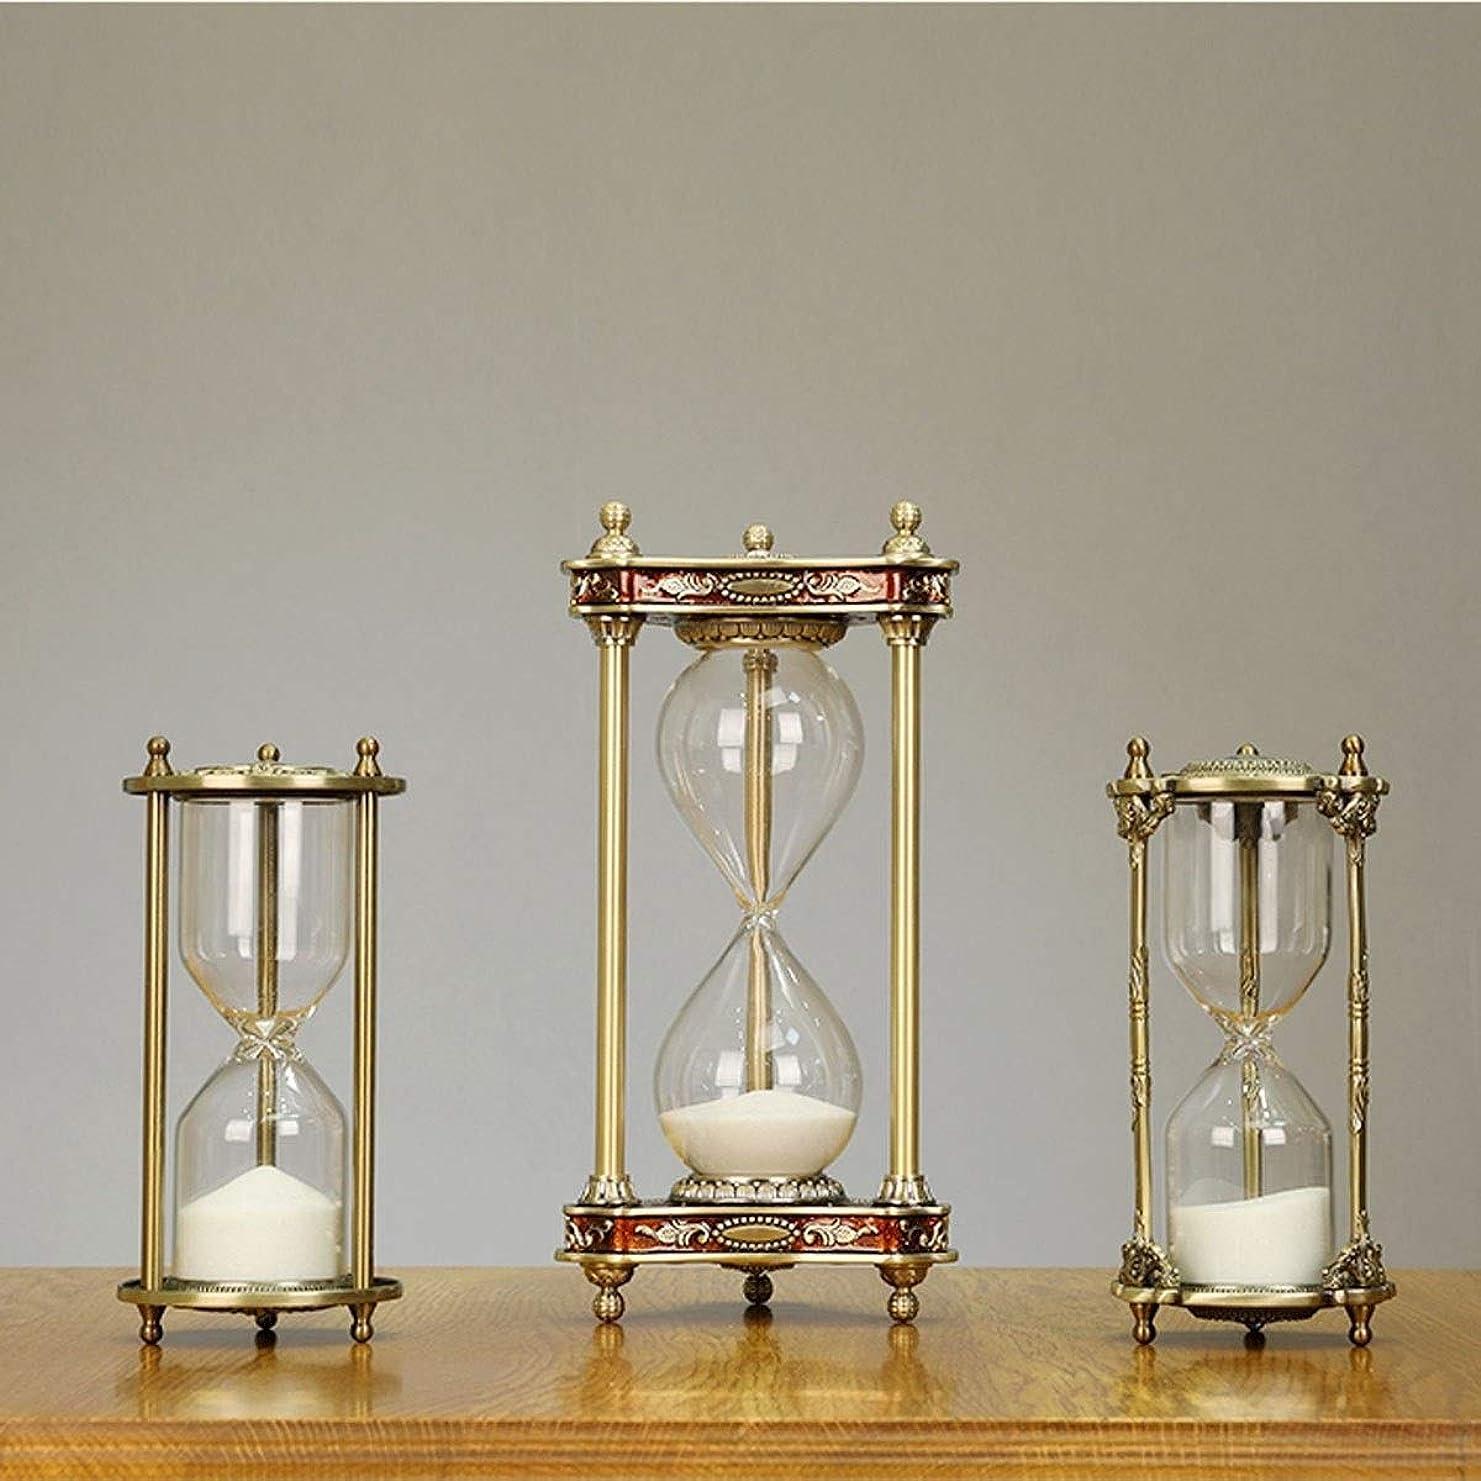 乞食不快な繁栄するJIAYIZS 30分(あなたが選択するため3つのスタイル、12 * 23.5センチメートル) ギフトについて砂時計、三角ボディデザイン 合金やガラス、大気外観で作られました、 (Color : Style2)